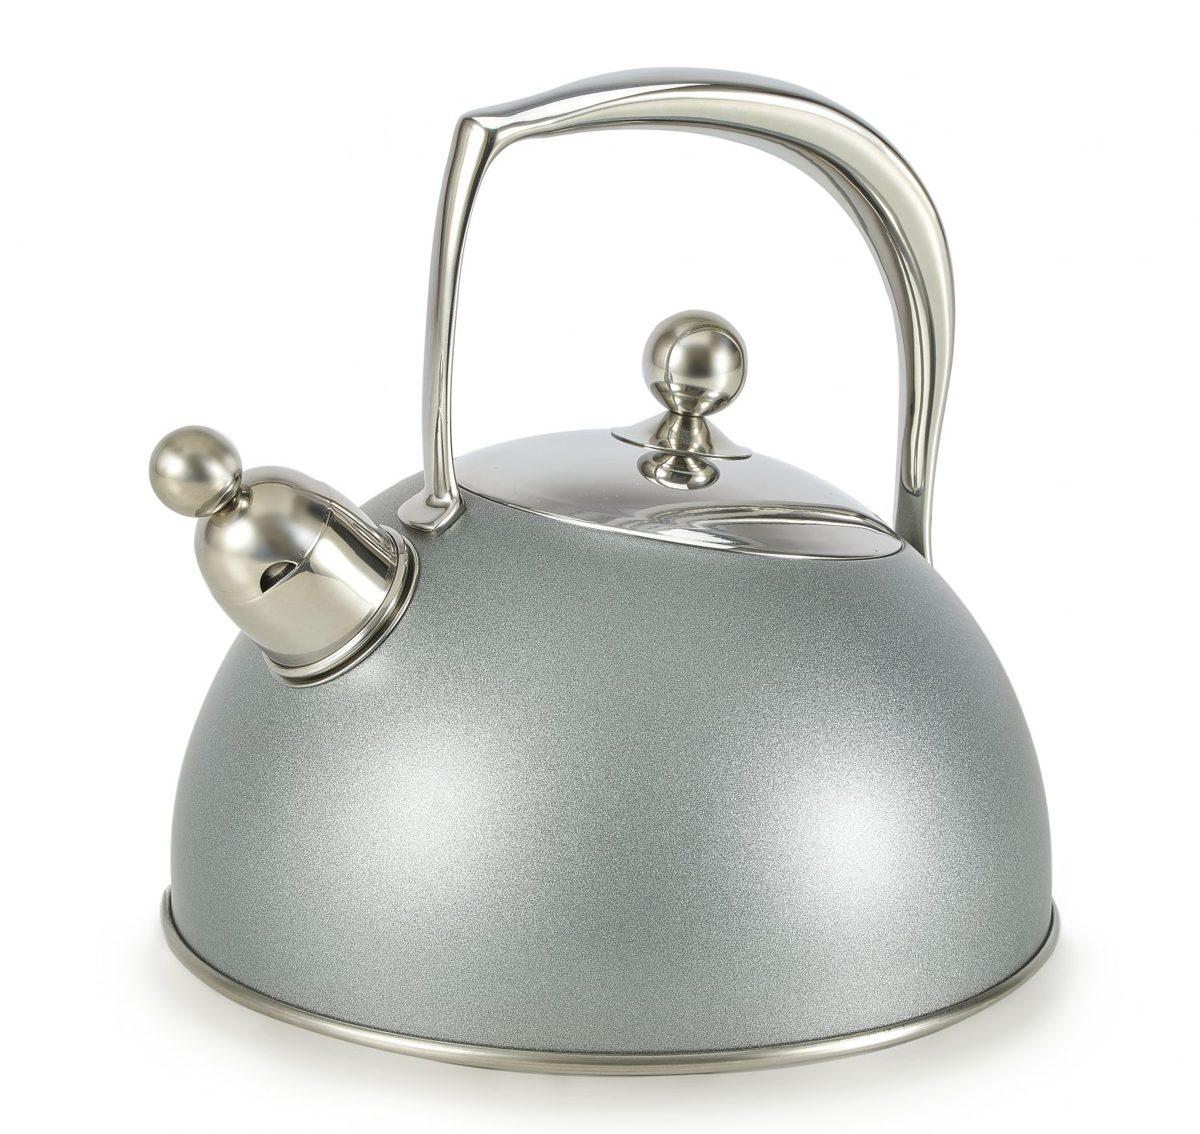 Habonne Fluitketel METALLICA rvs/zilver 20 cm kopen